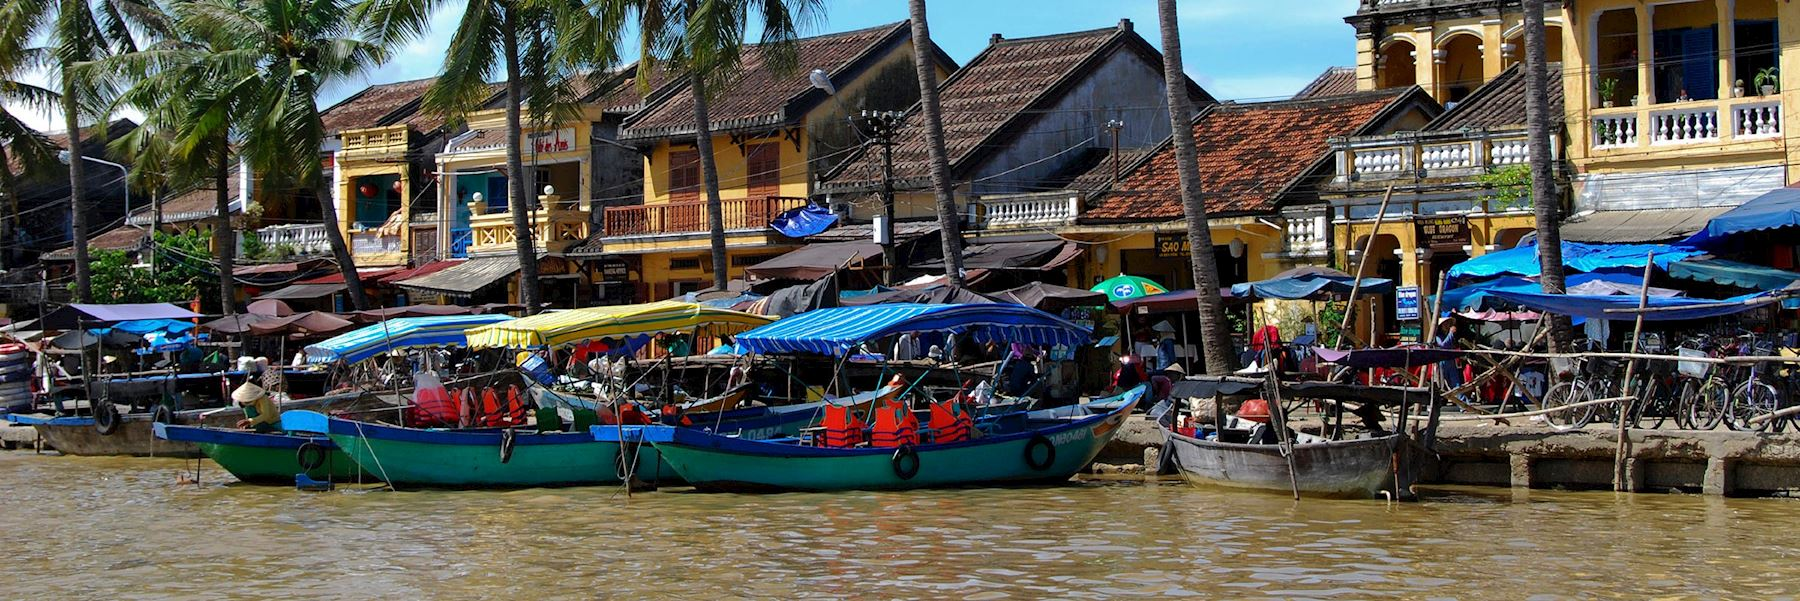 Visit Hoi An, Vietnam